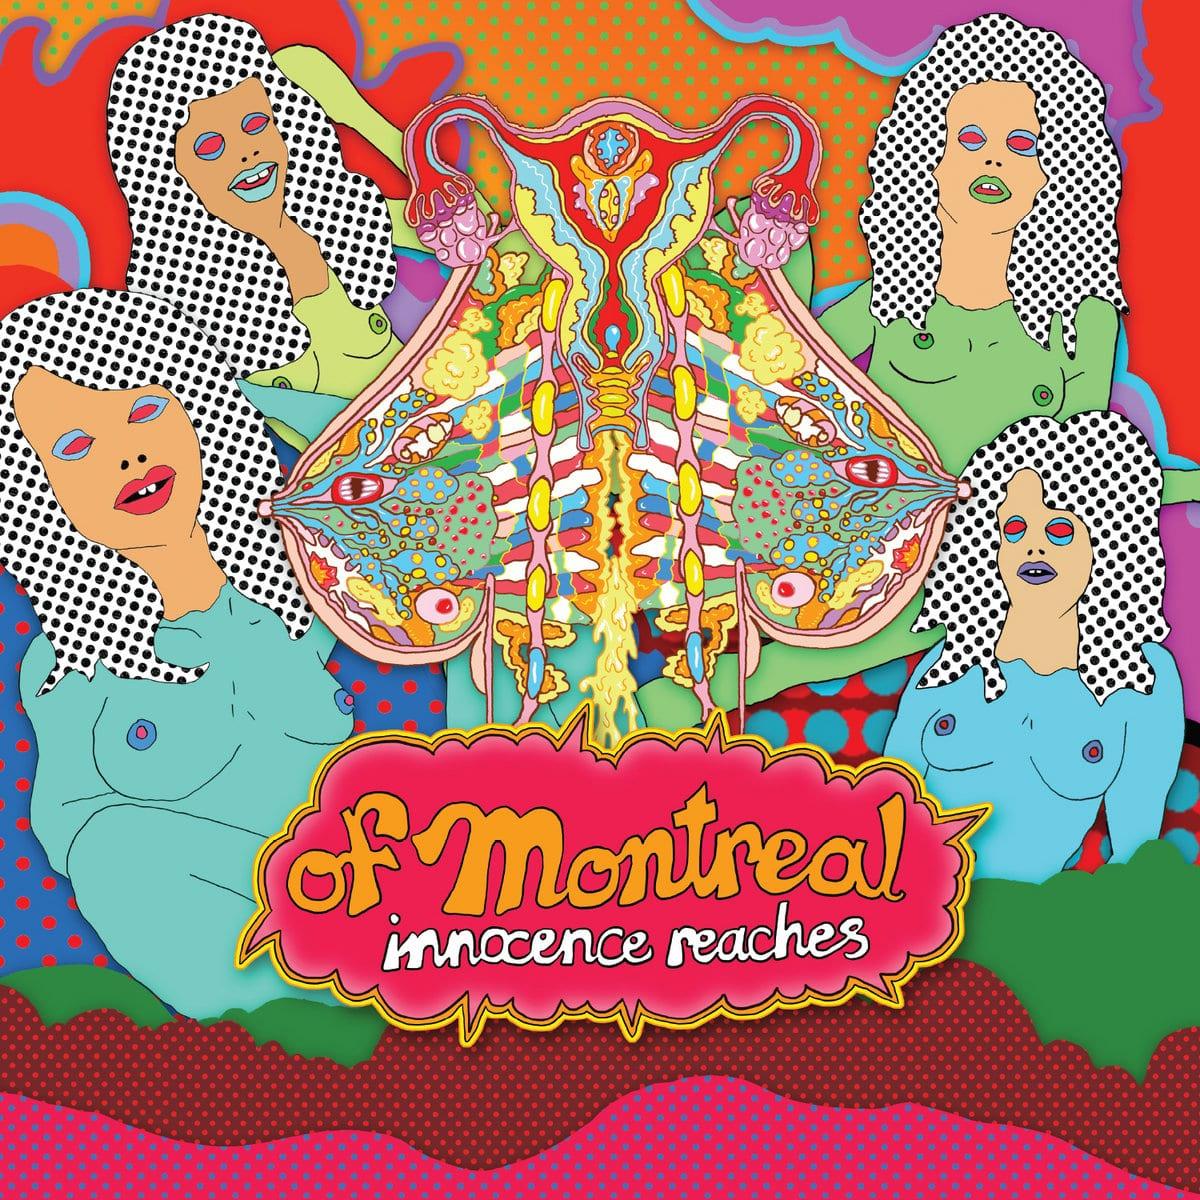 Innocence Reaches album cover